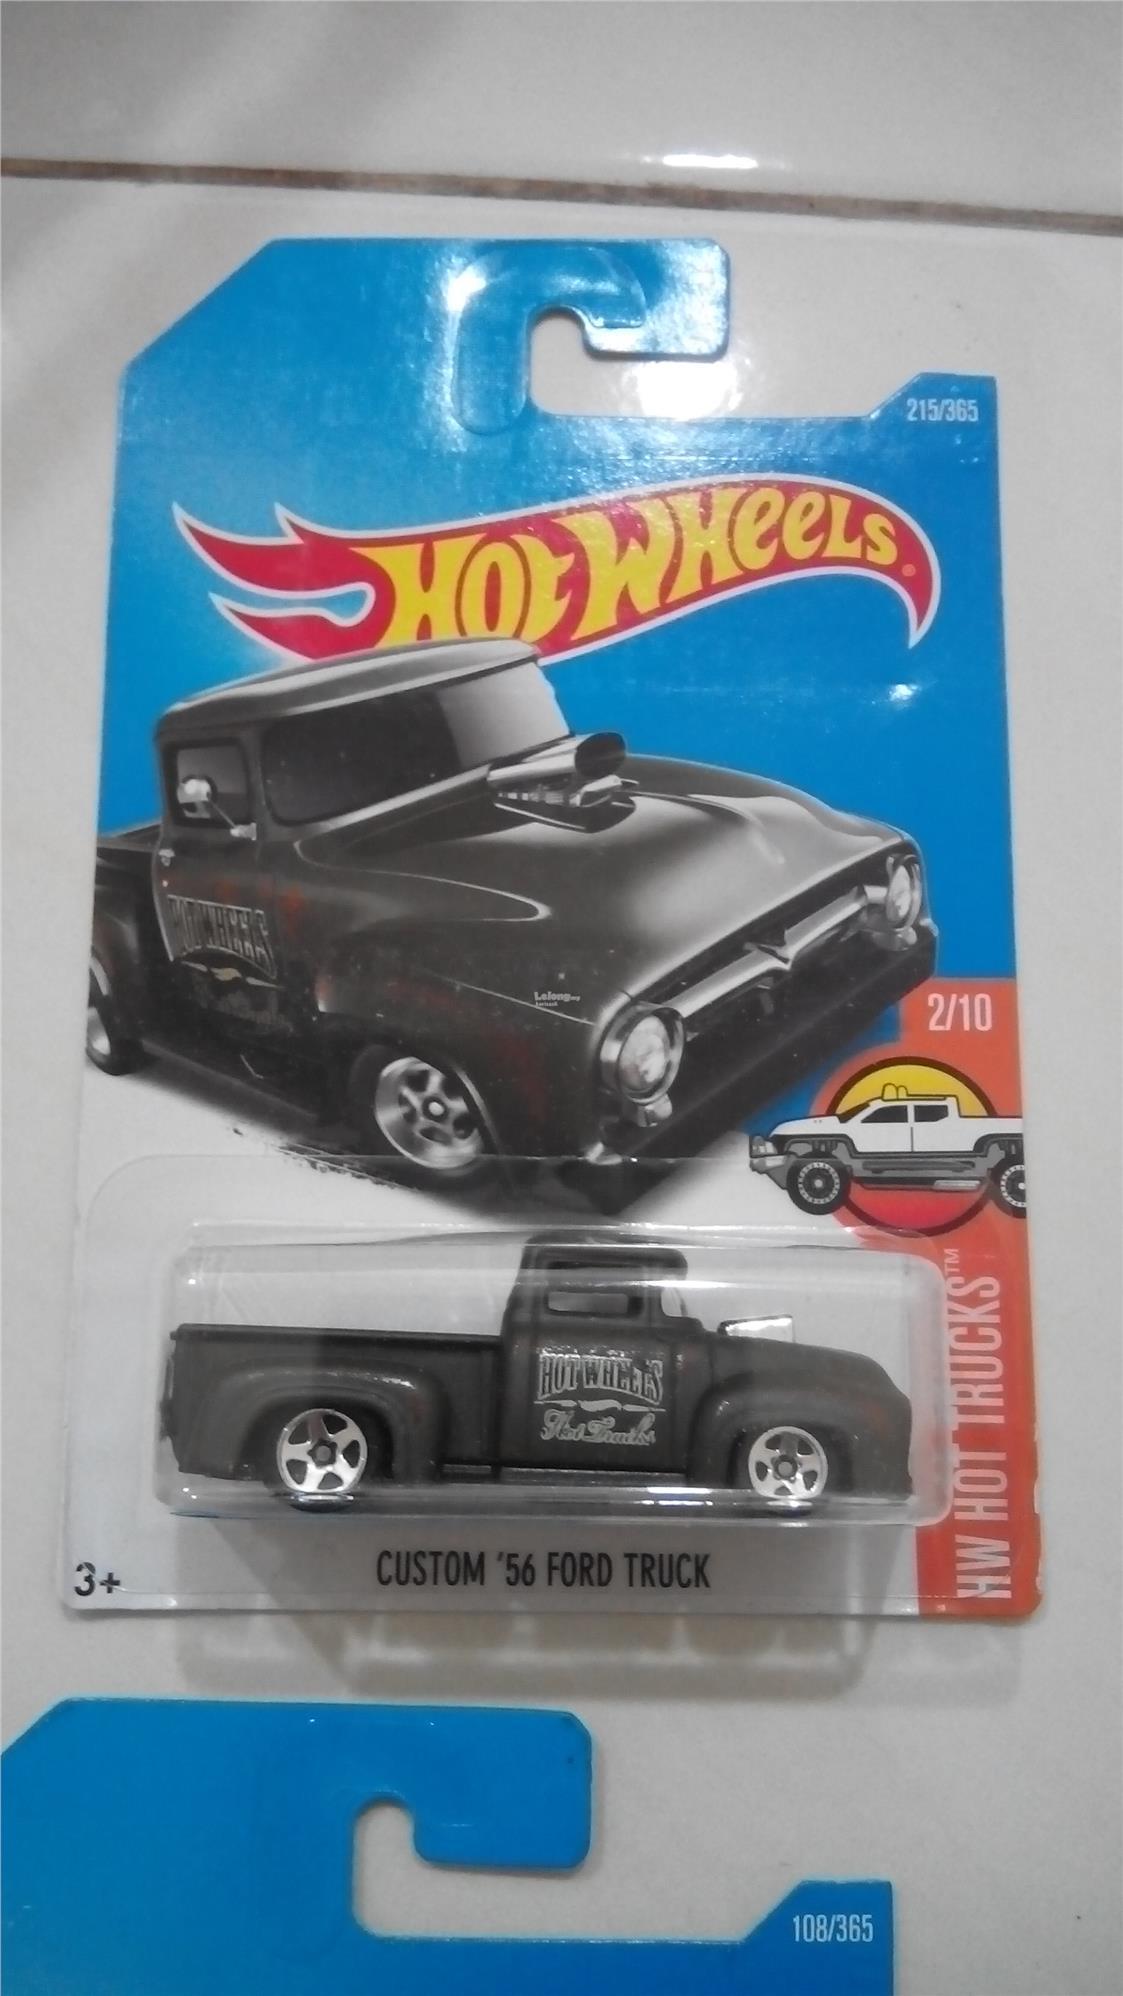 Hot Wheels Hw Custom 56 Ford Truck End 9 19 2018 11 15 Pm